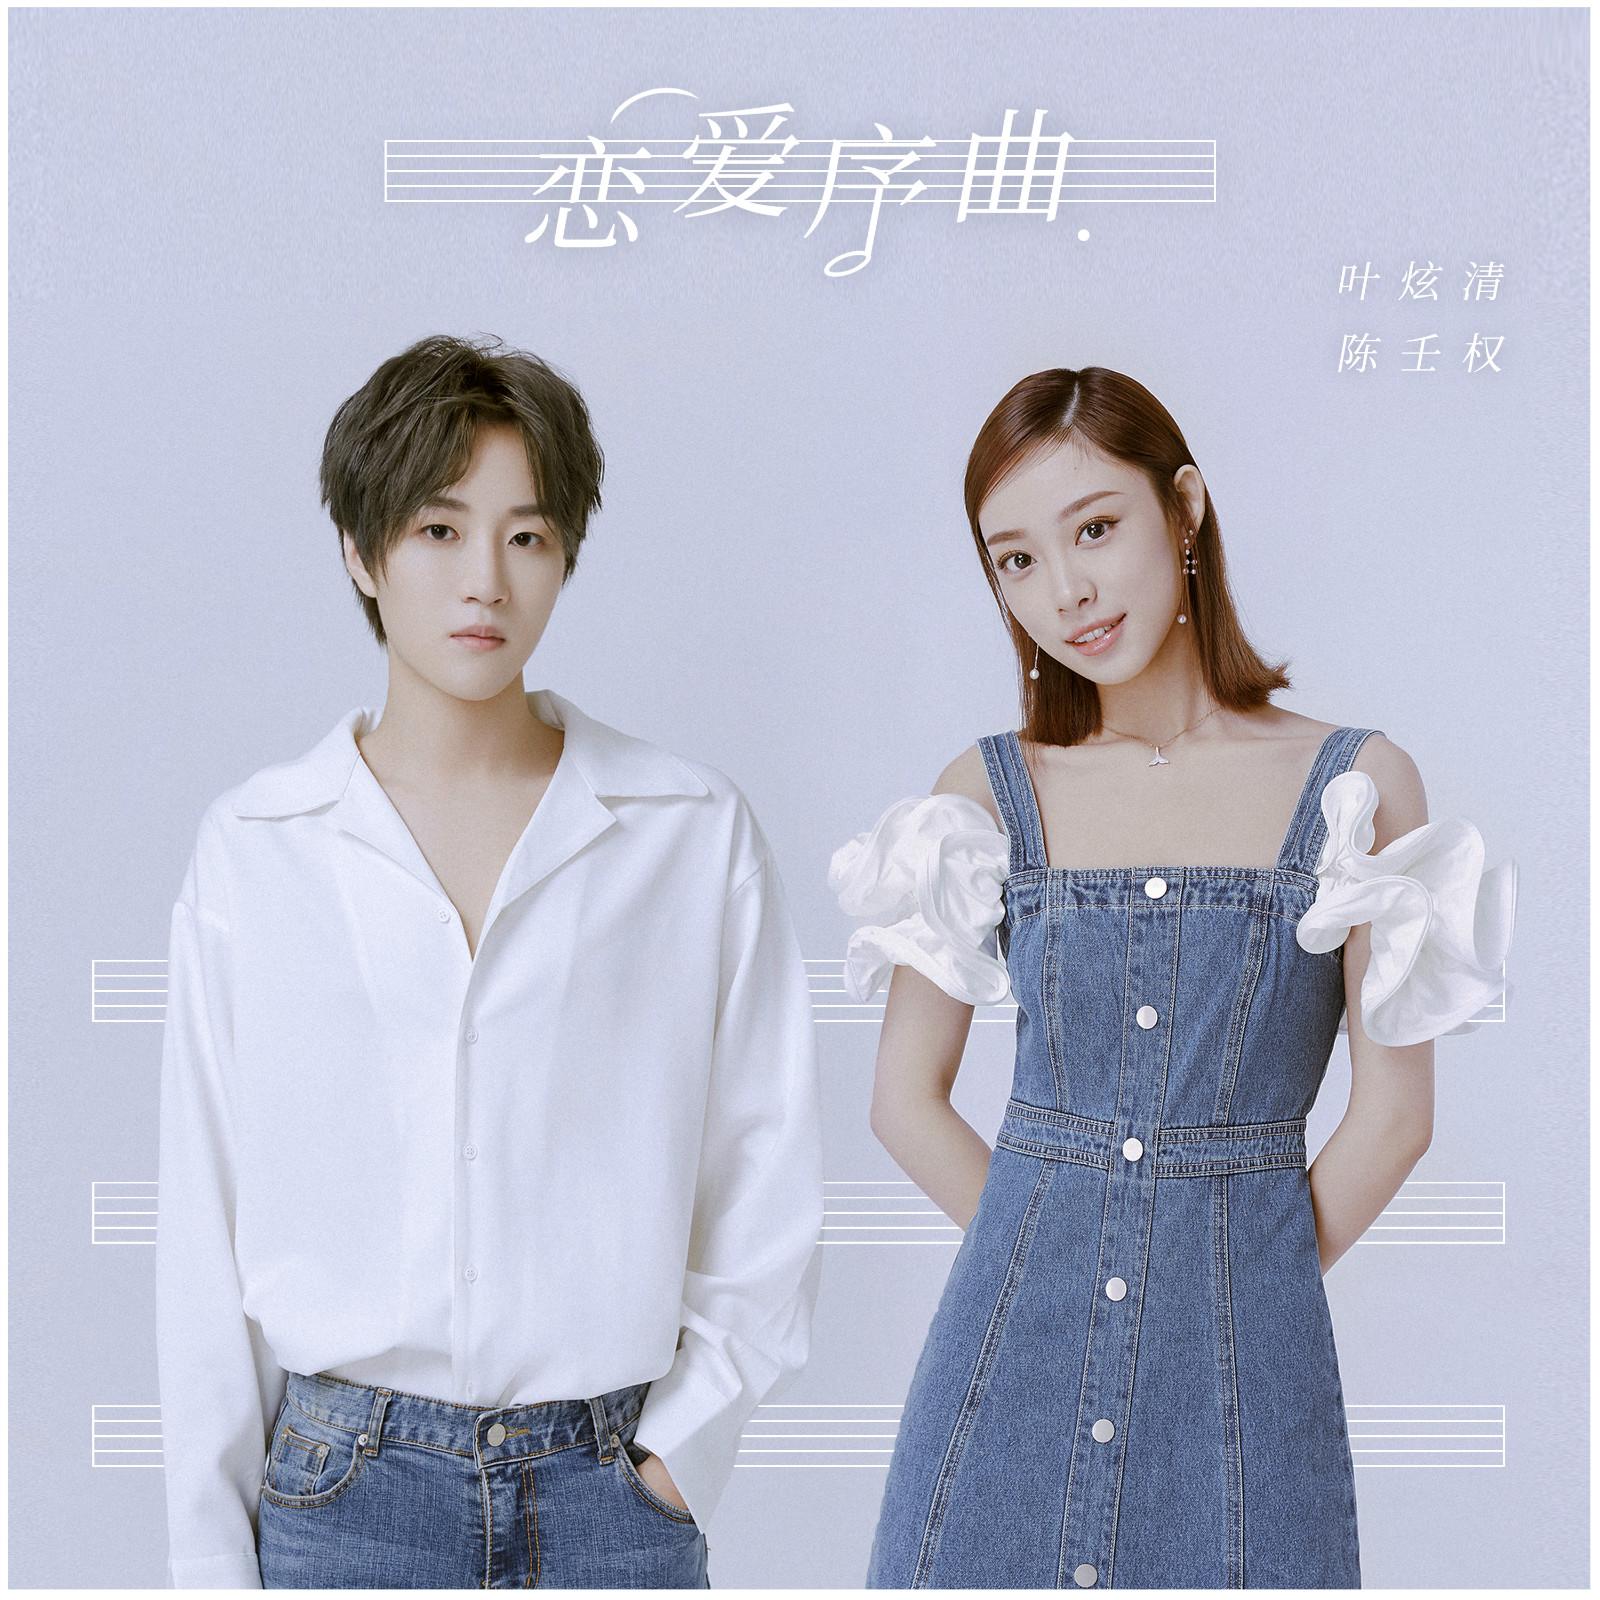 叶炫清新曲《恋爱序曲》上线 搭档陈壬权演绎超甜告白